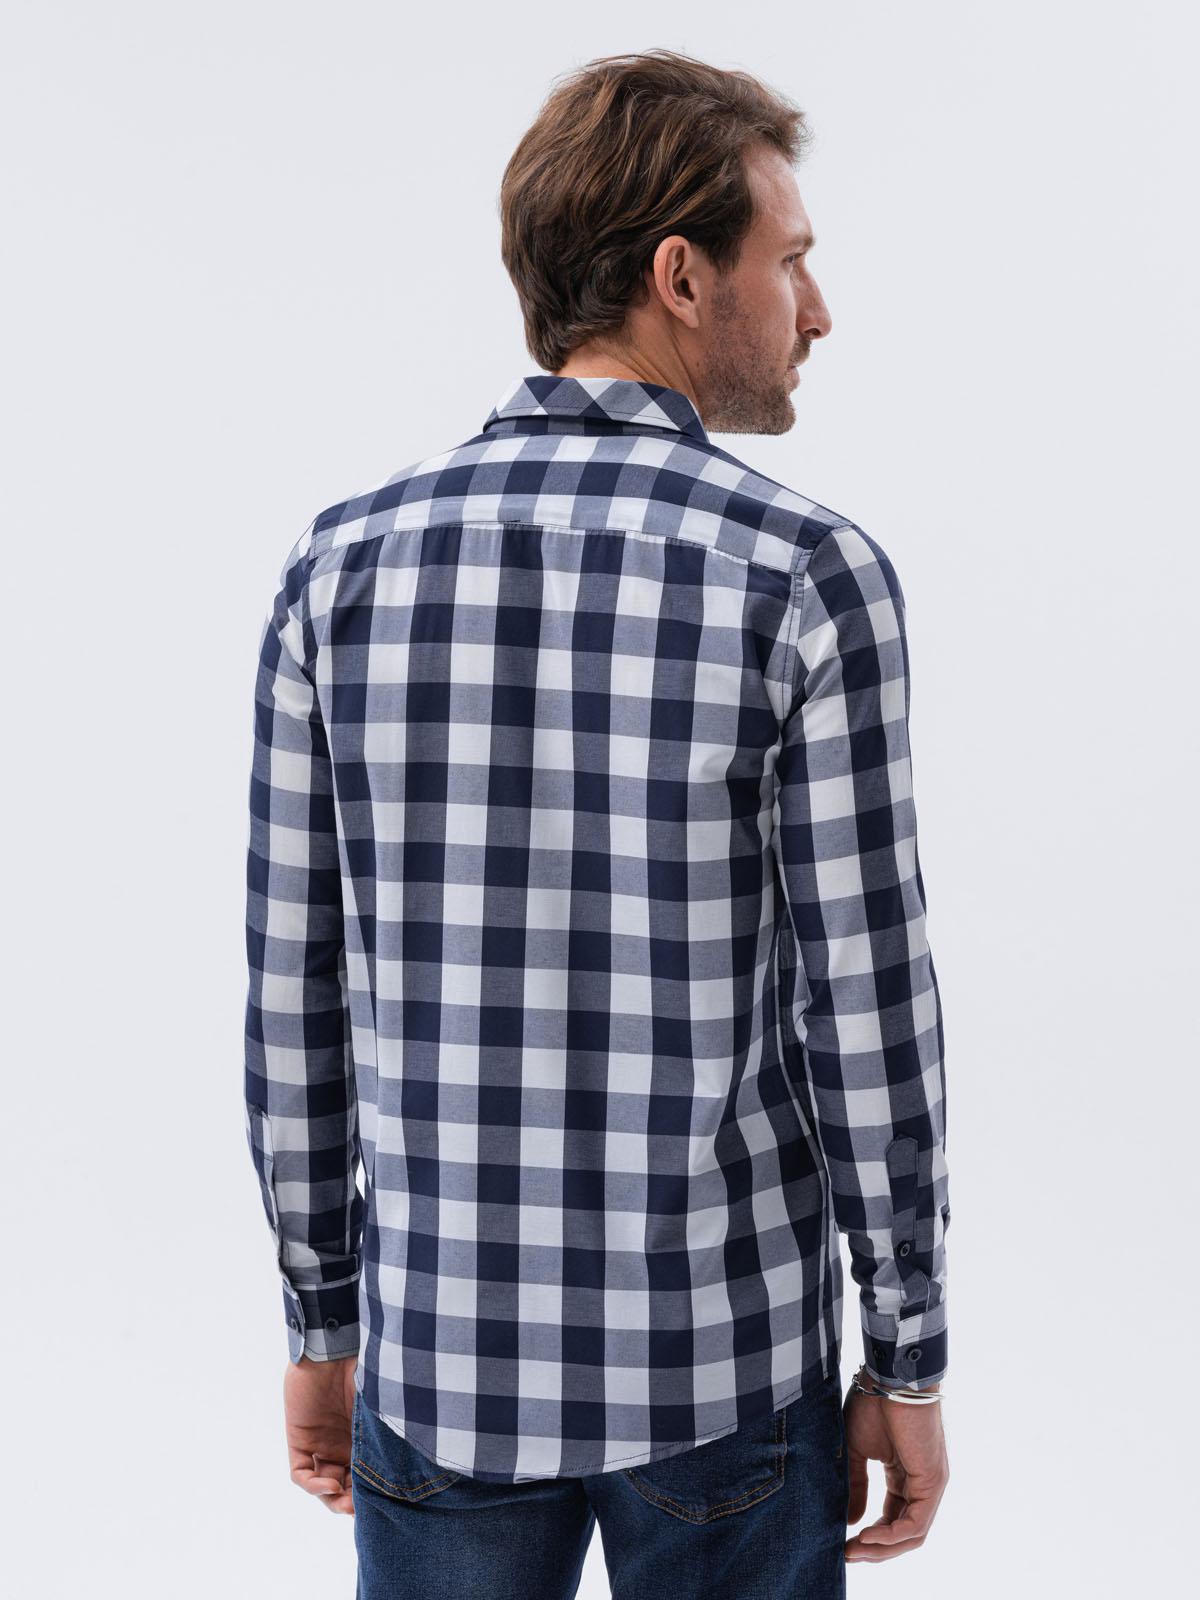 3ec3fec553c Мужская рубашка в клетку с длинным рукавом K282 - темно-синяя тёмно ...